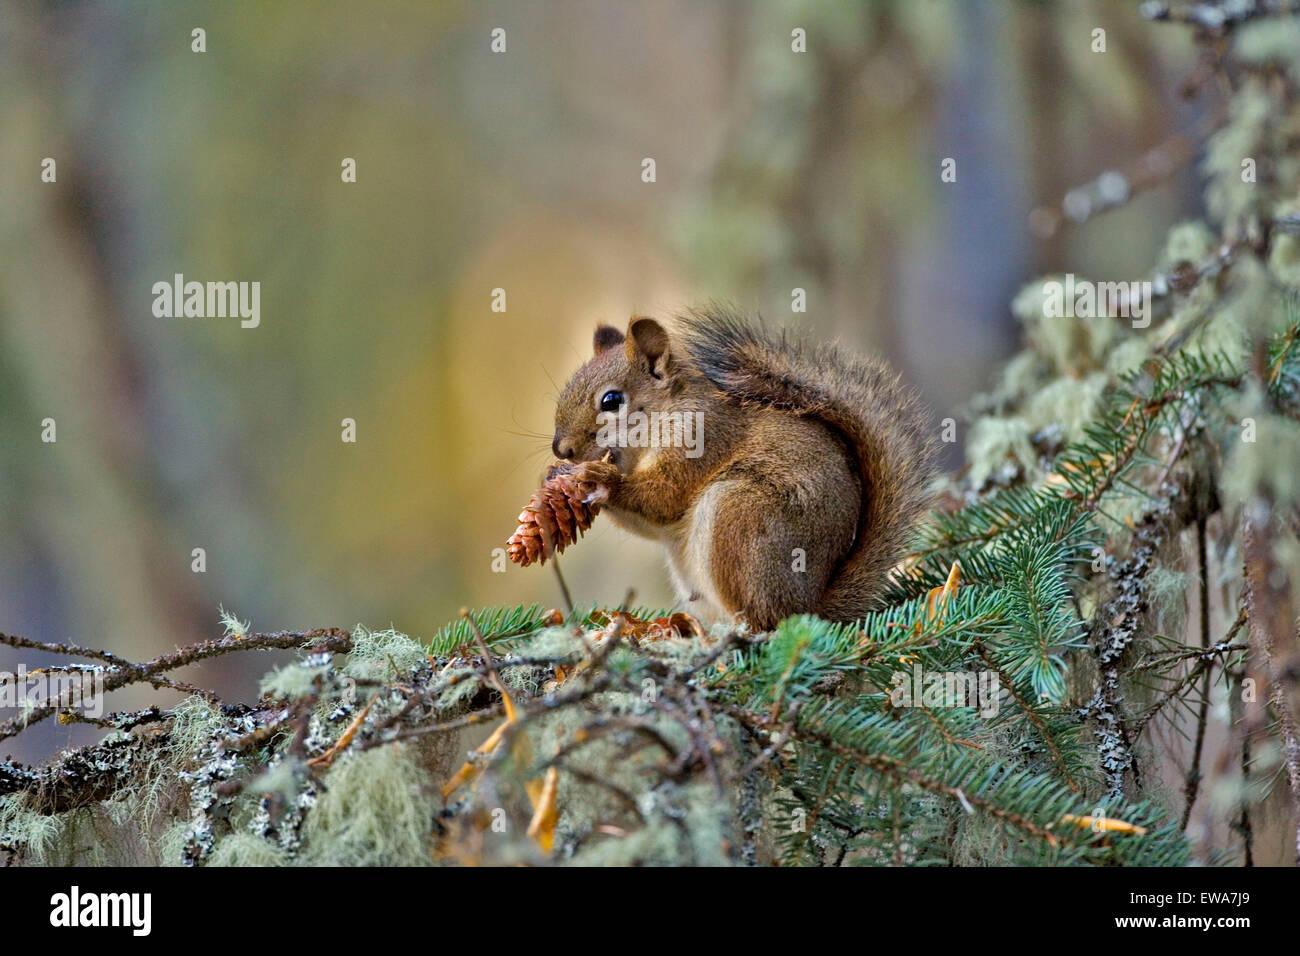 Eichhörnchen im Baum, ernähren sich von Samen Kegel Stockbild